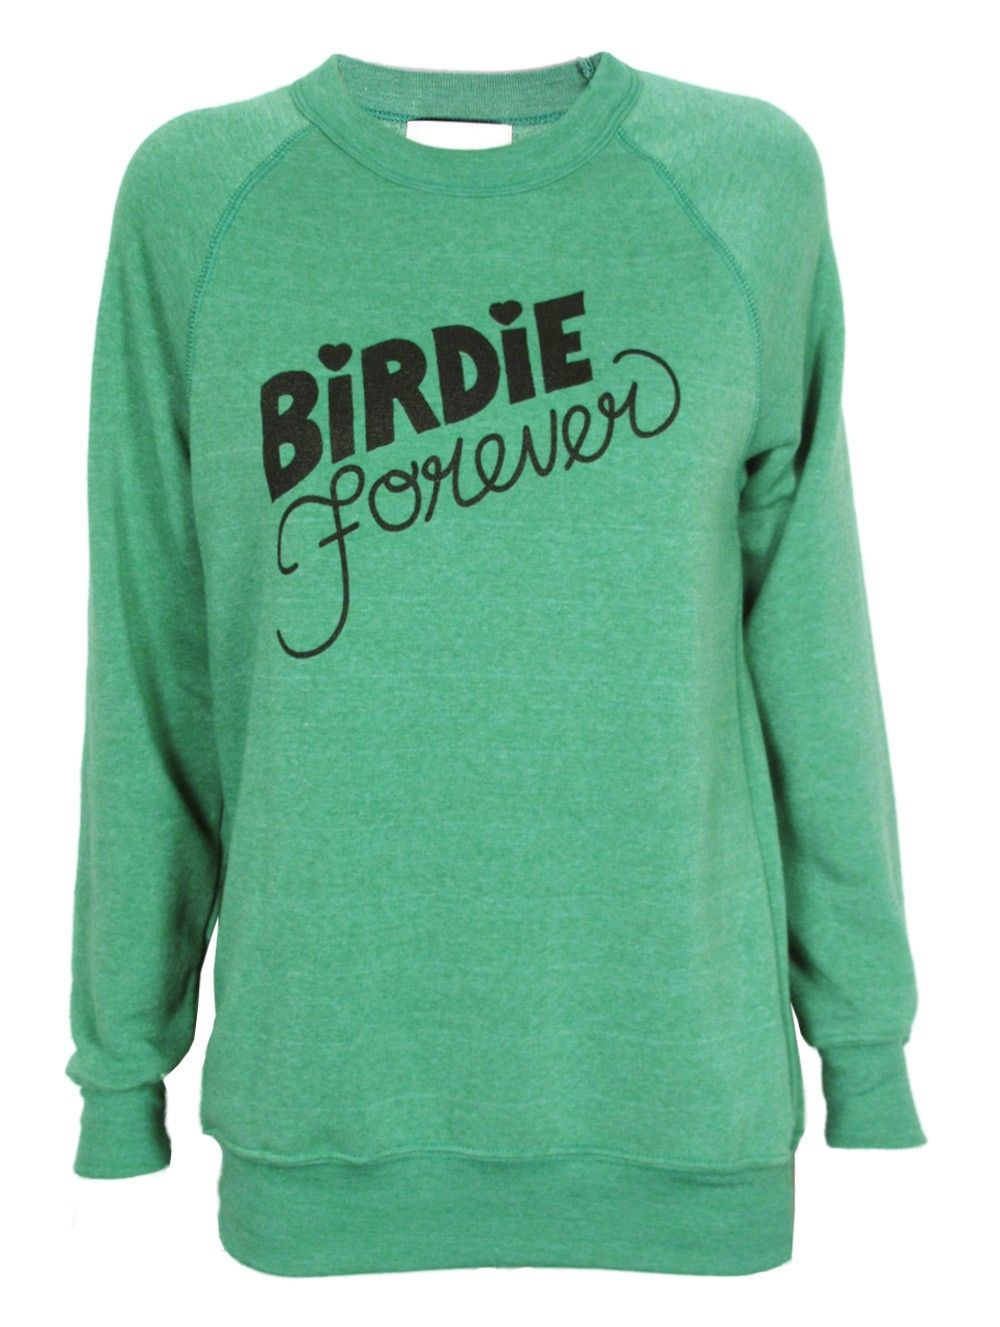 Birdie Forever Sweatshirt Rachel Antonoff. Birdie is my nickname!!! Totally need this shirt!!